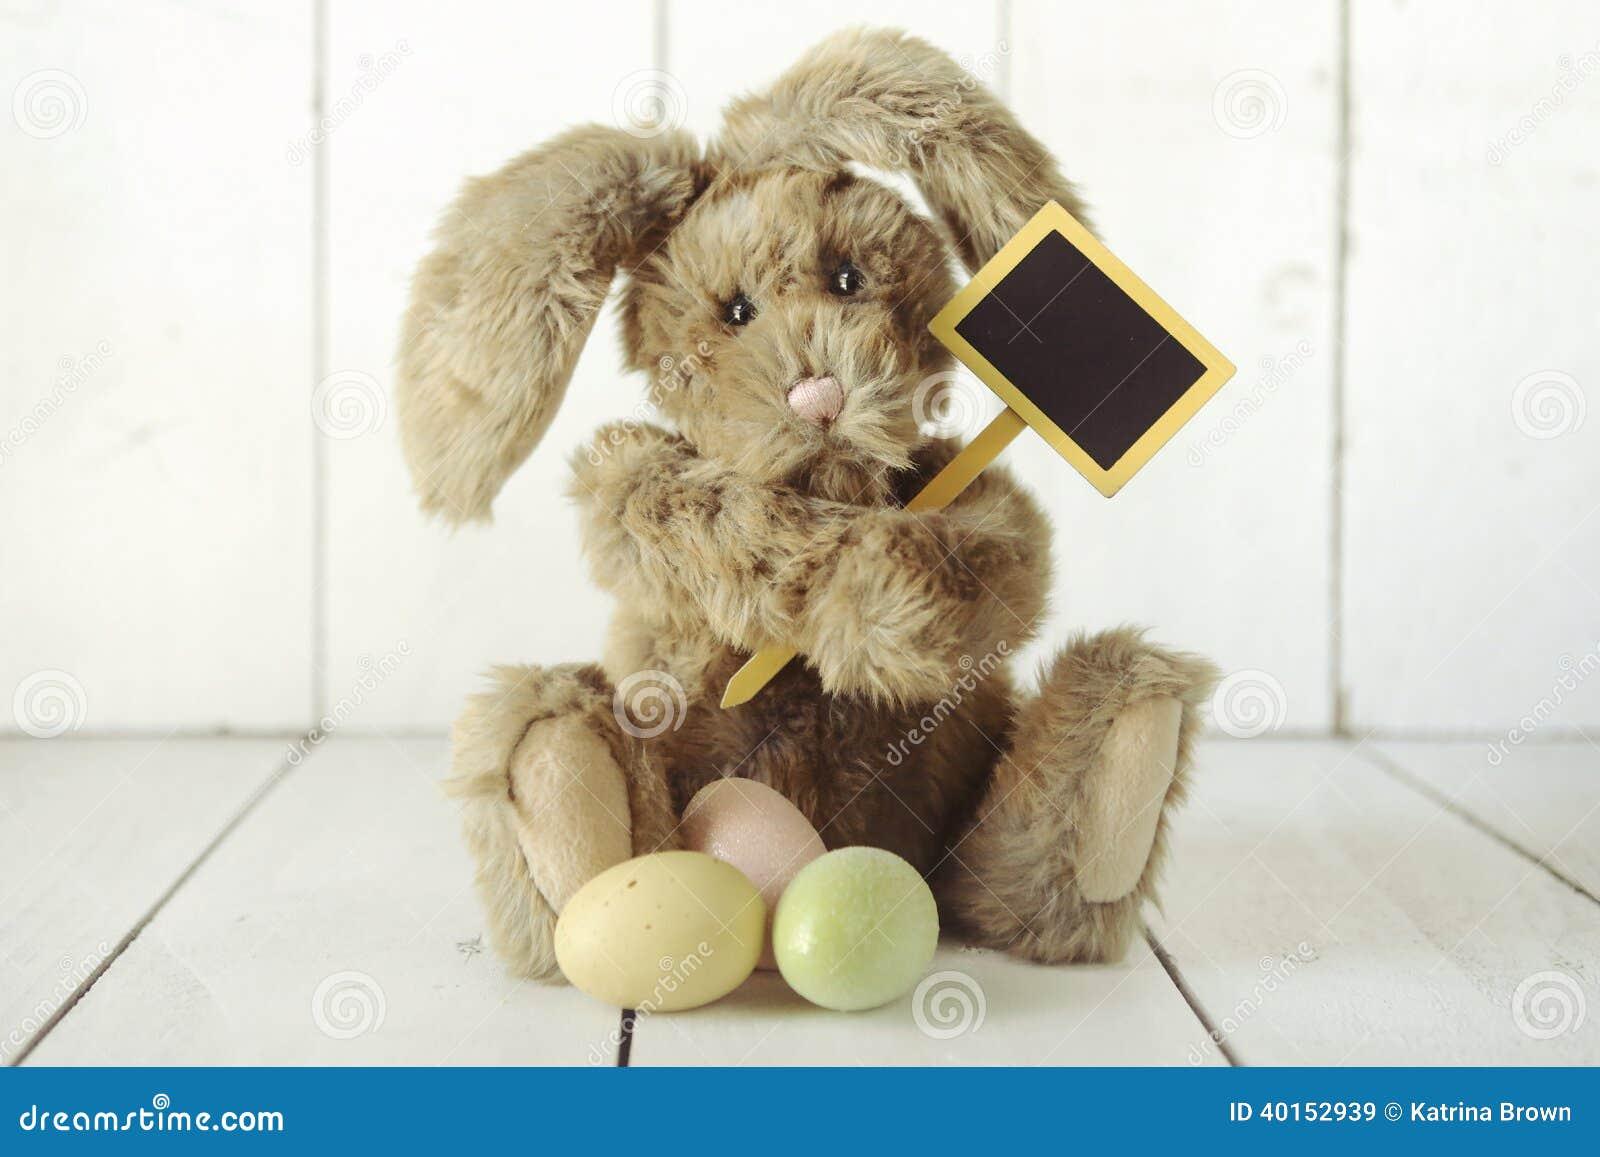 复活节兔子主题的假日场合图象